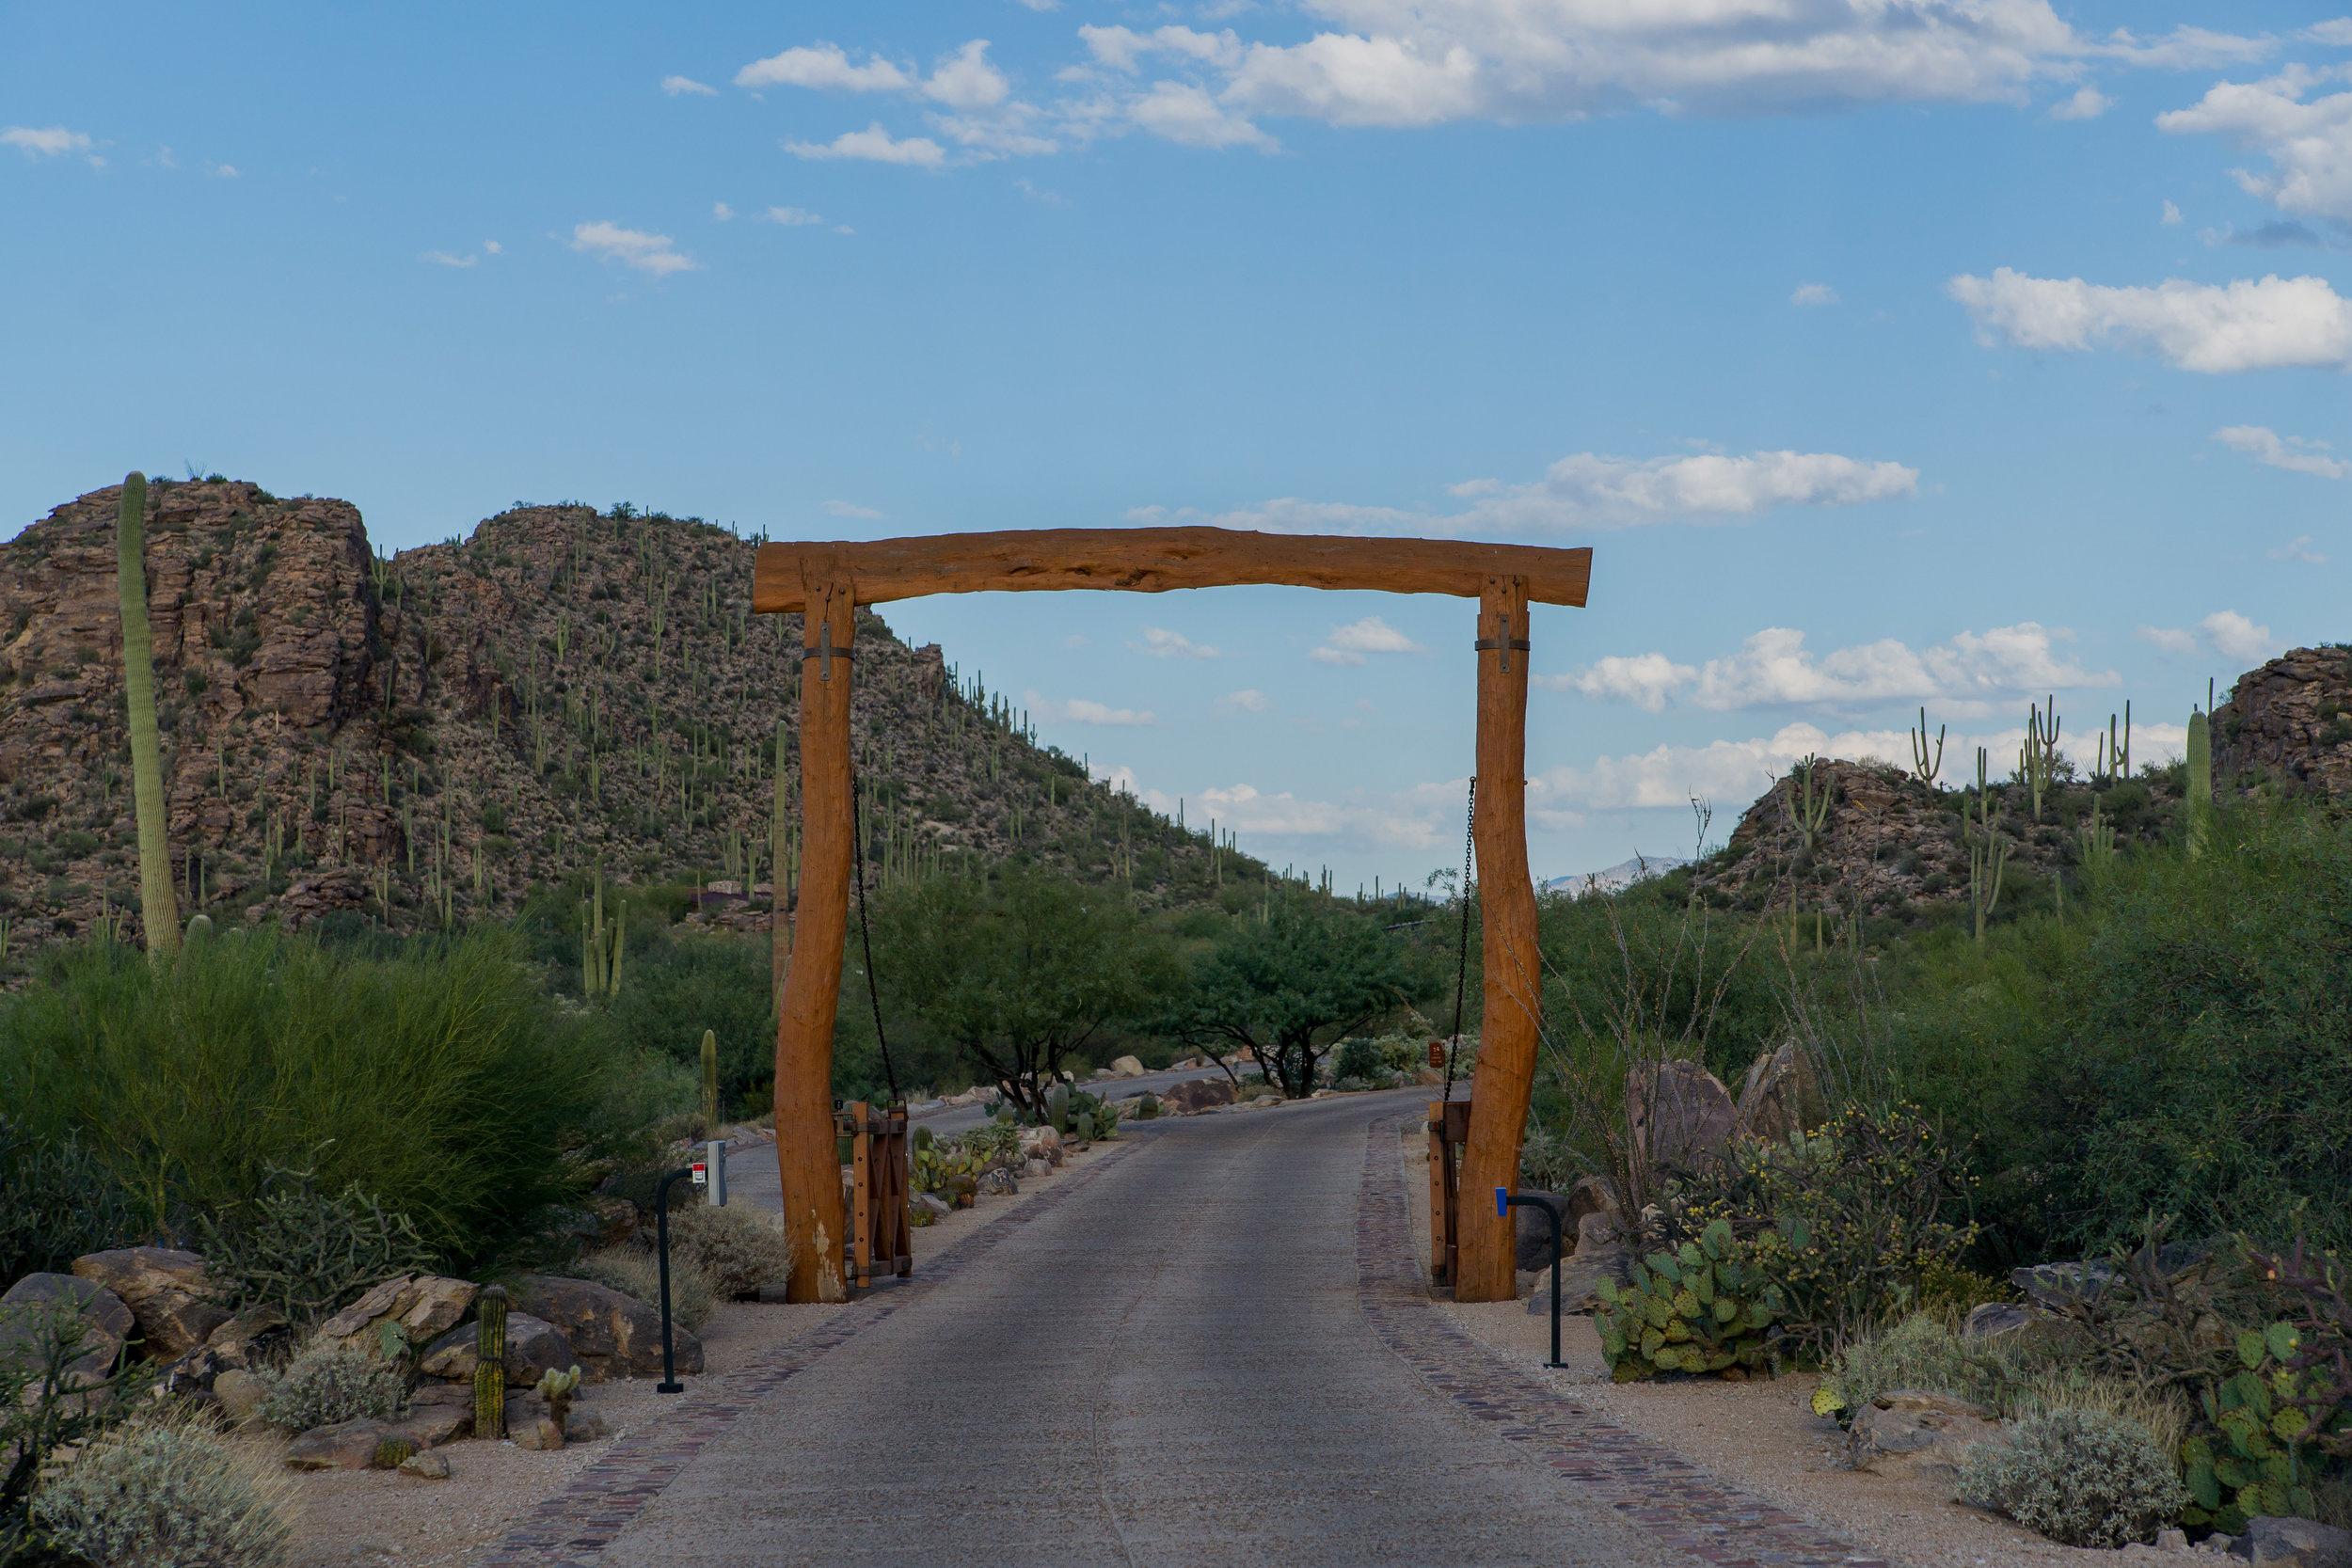 Gate to enter saguaro ranch